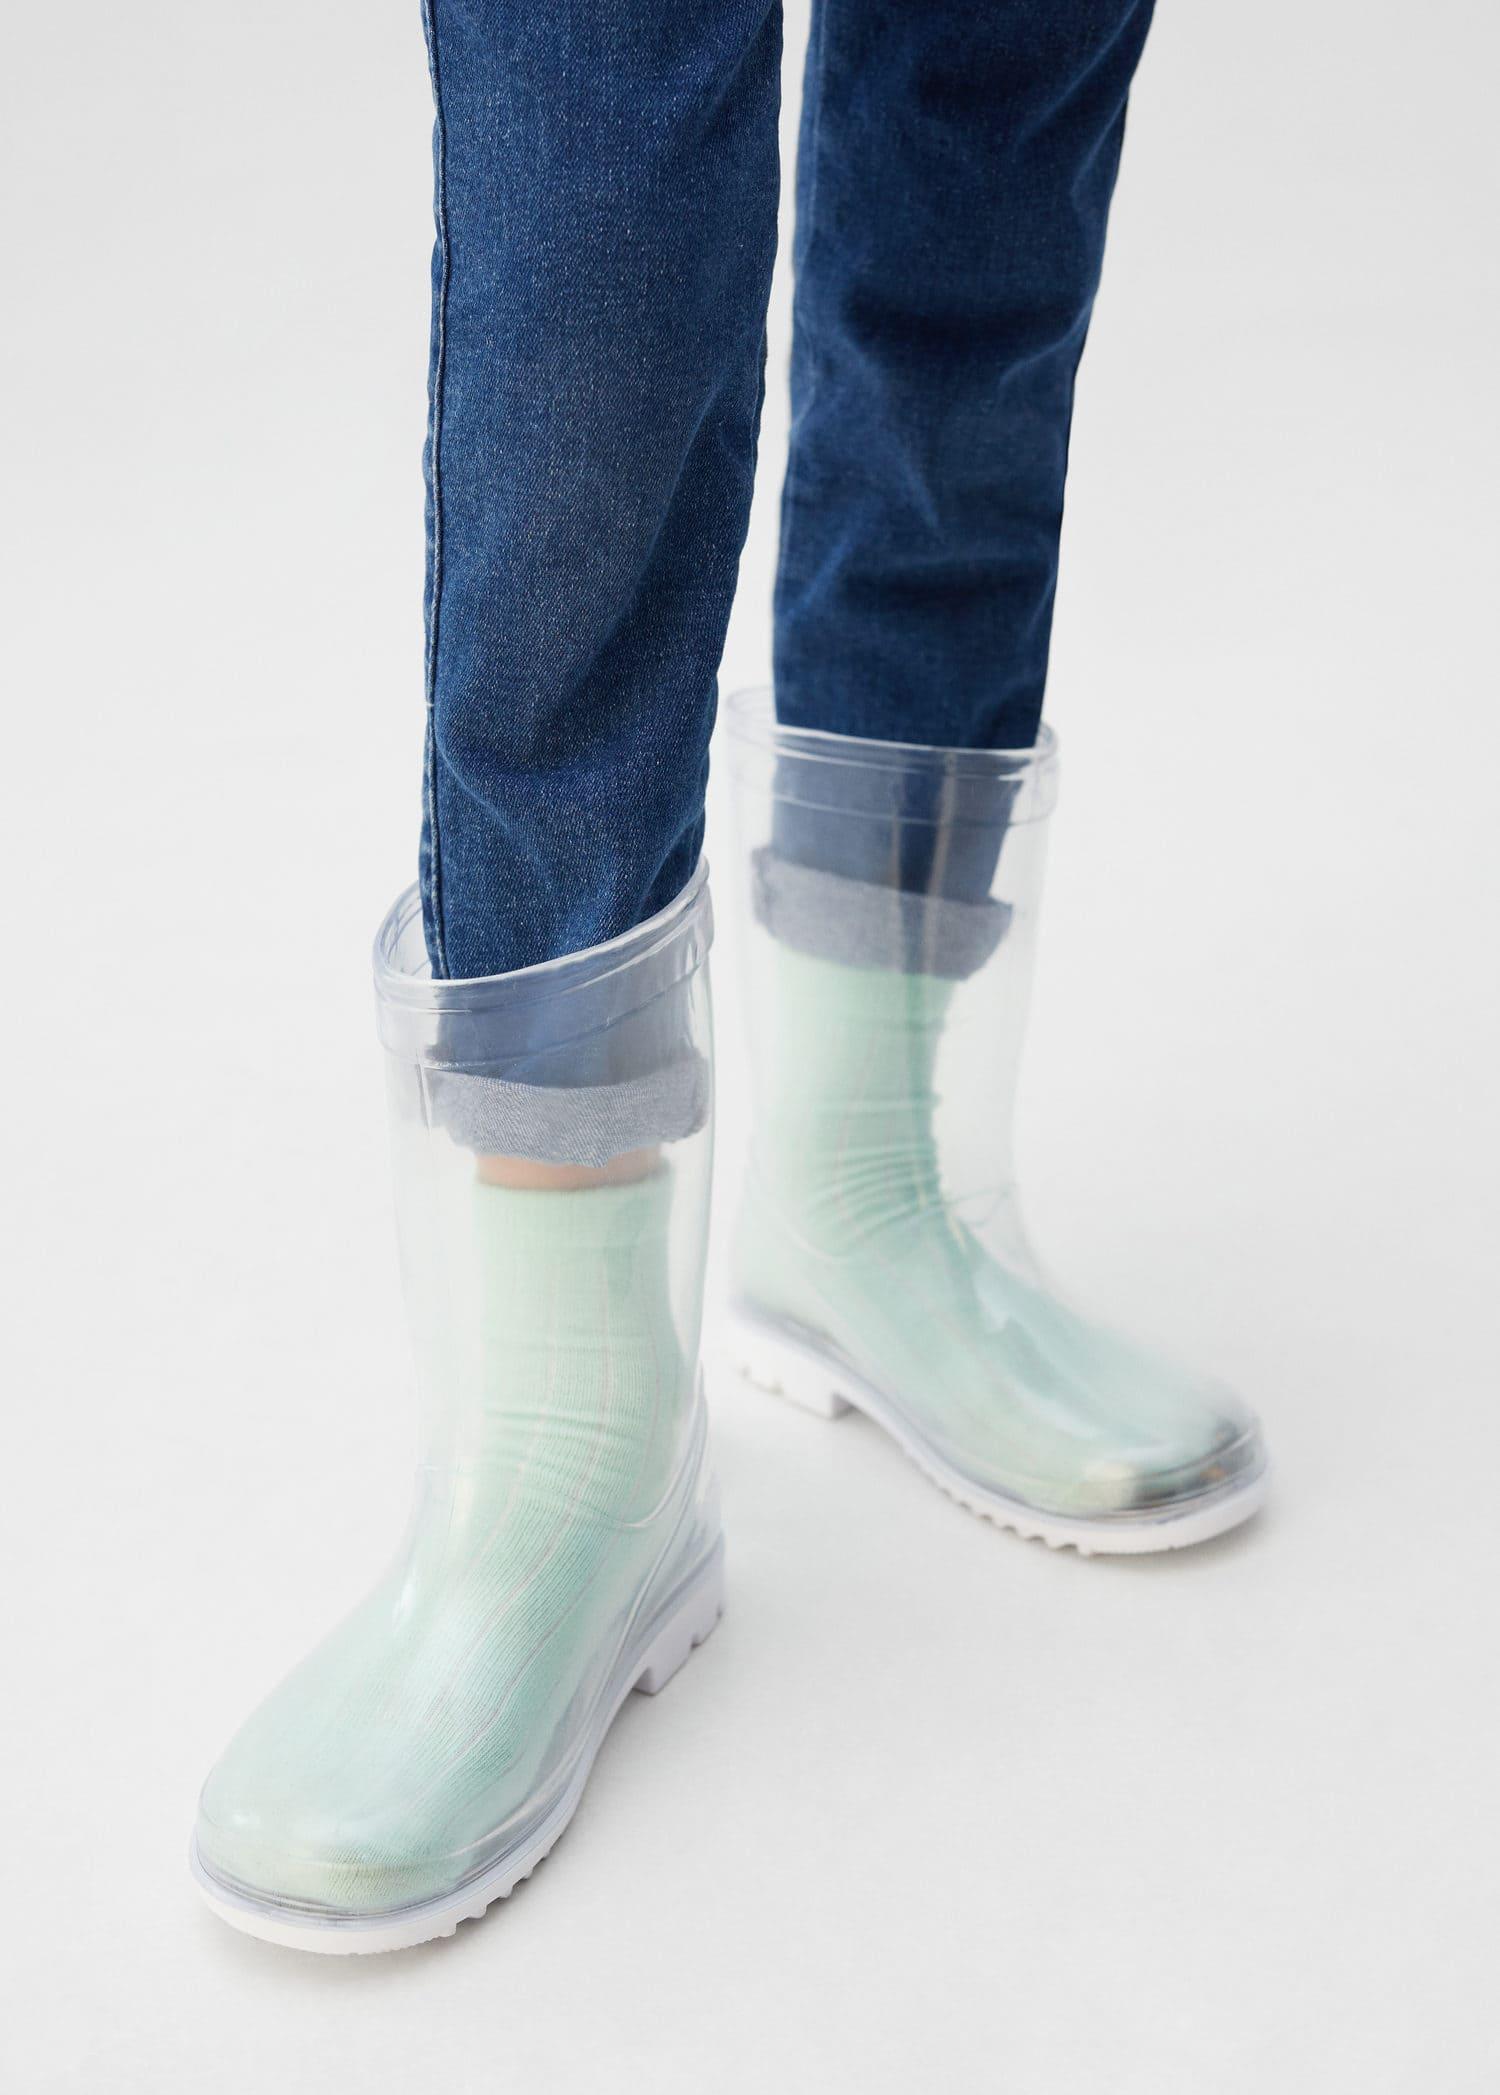 Mango Dam Sole Sock Vit Stövlar På Nätet